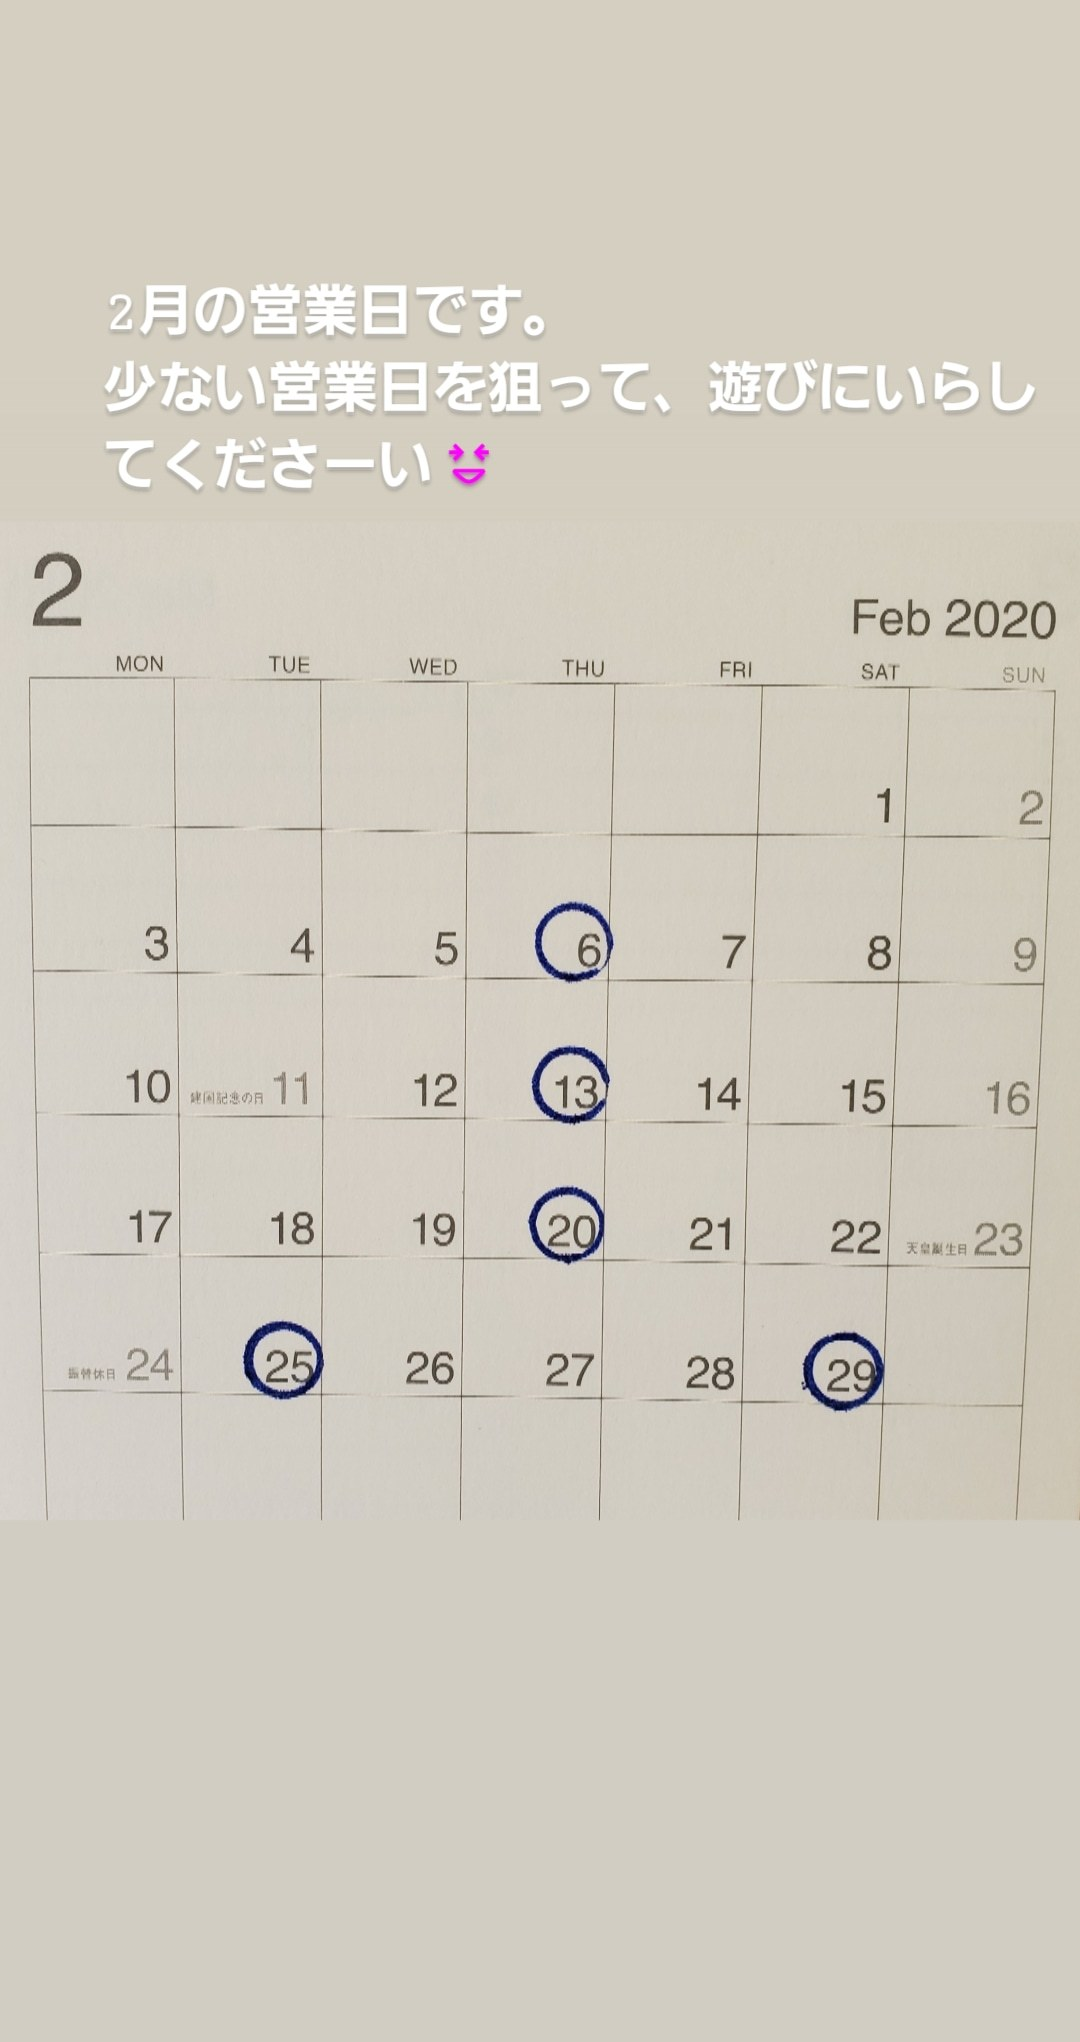 2月の営業日_c0199544_14270919.jpg